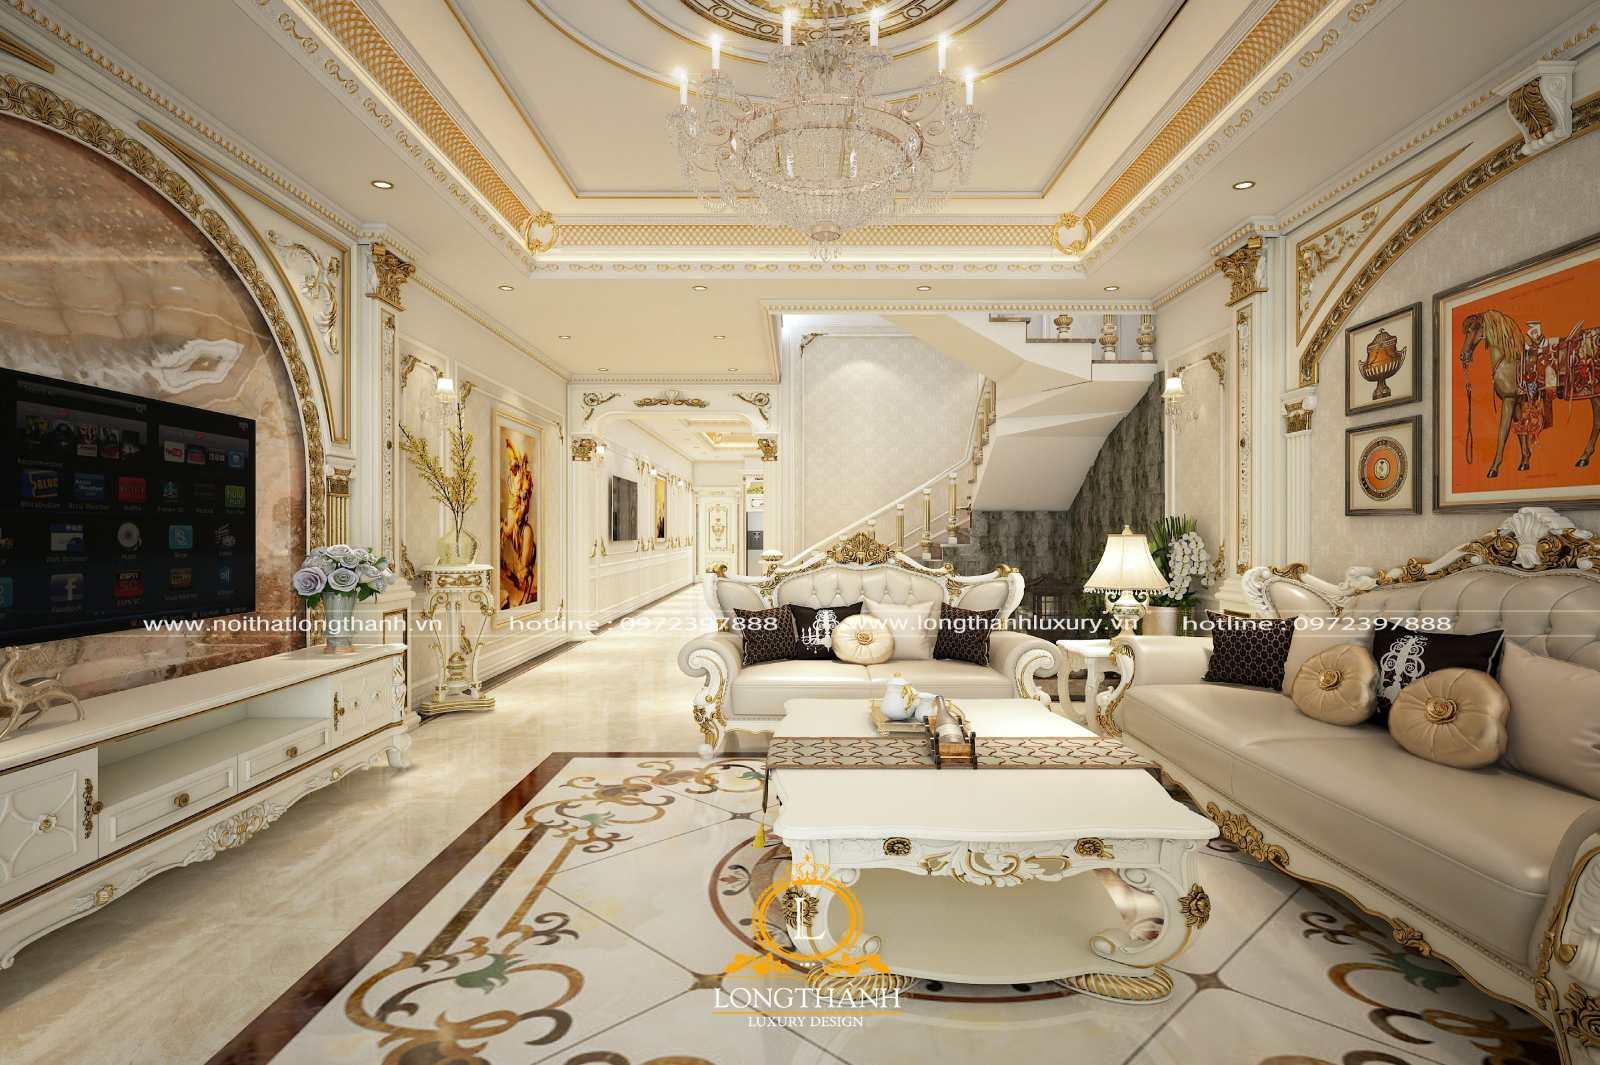 Sofa băng dài sang trọng cho phòng khách biệt thự